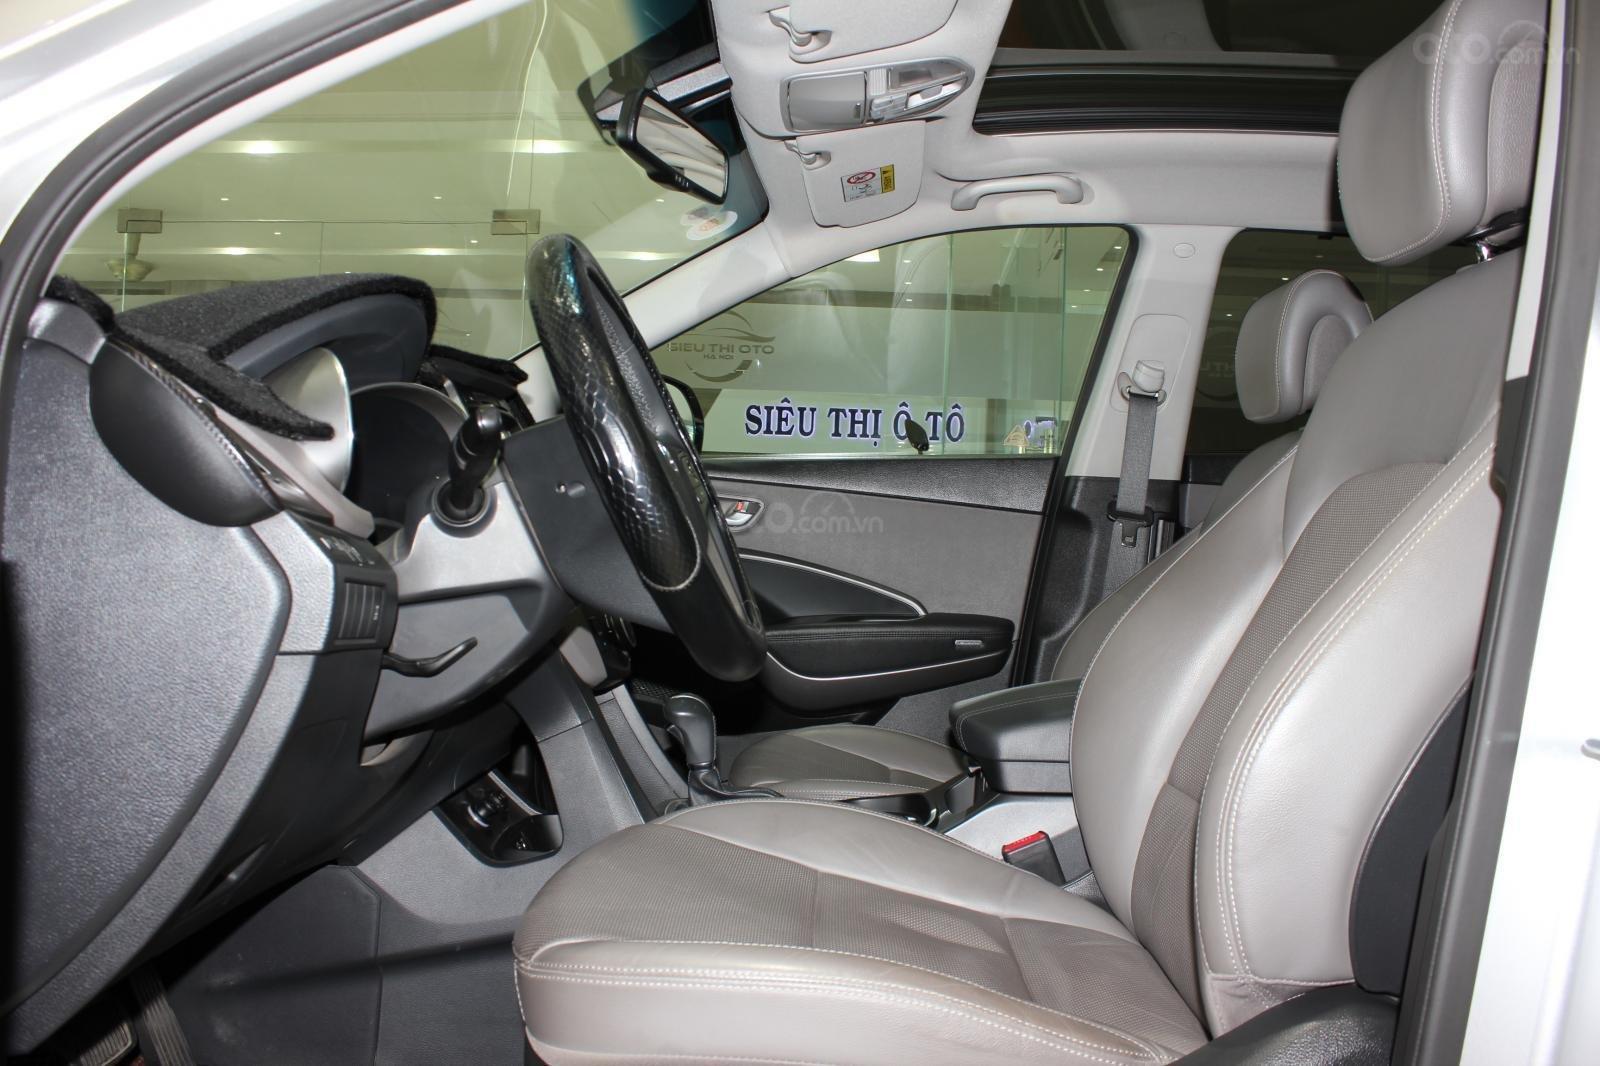 Bán xe Hyundai Santa Fe 2.2 4WD năm sản xuất 2017, màu bạc (9)